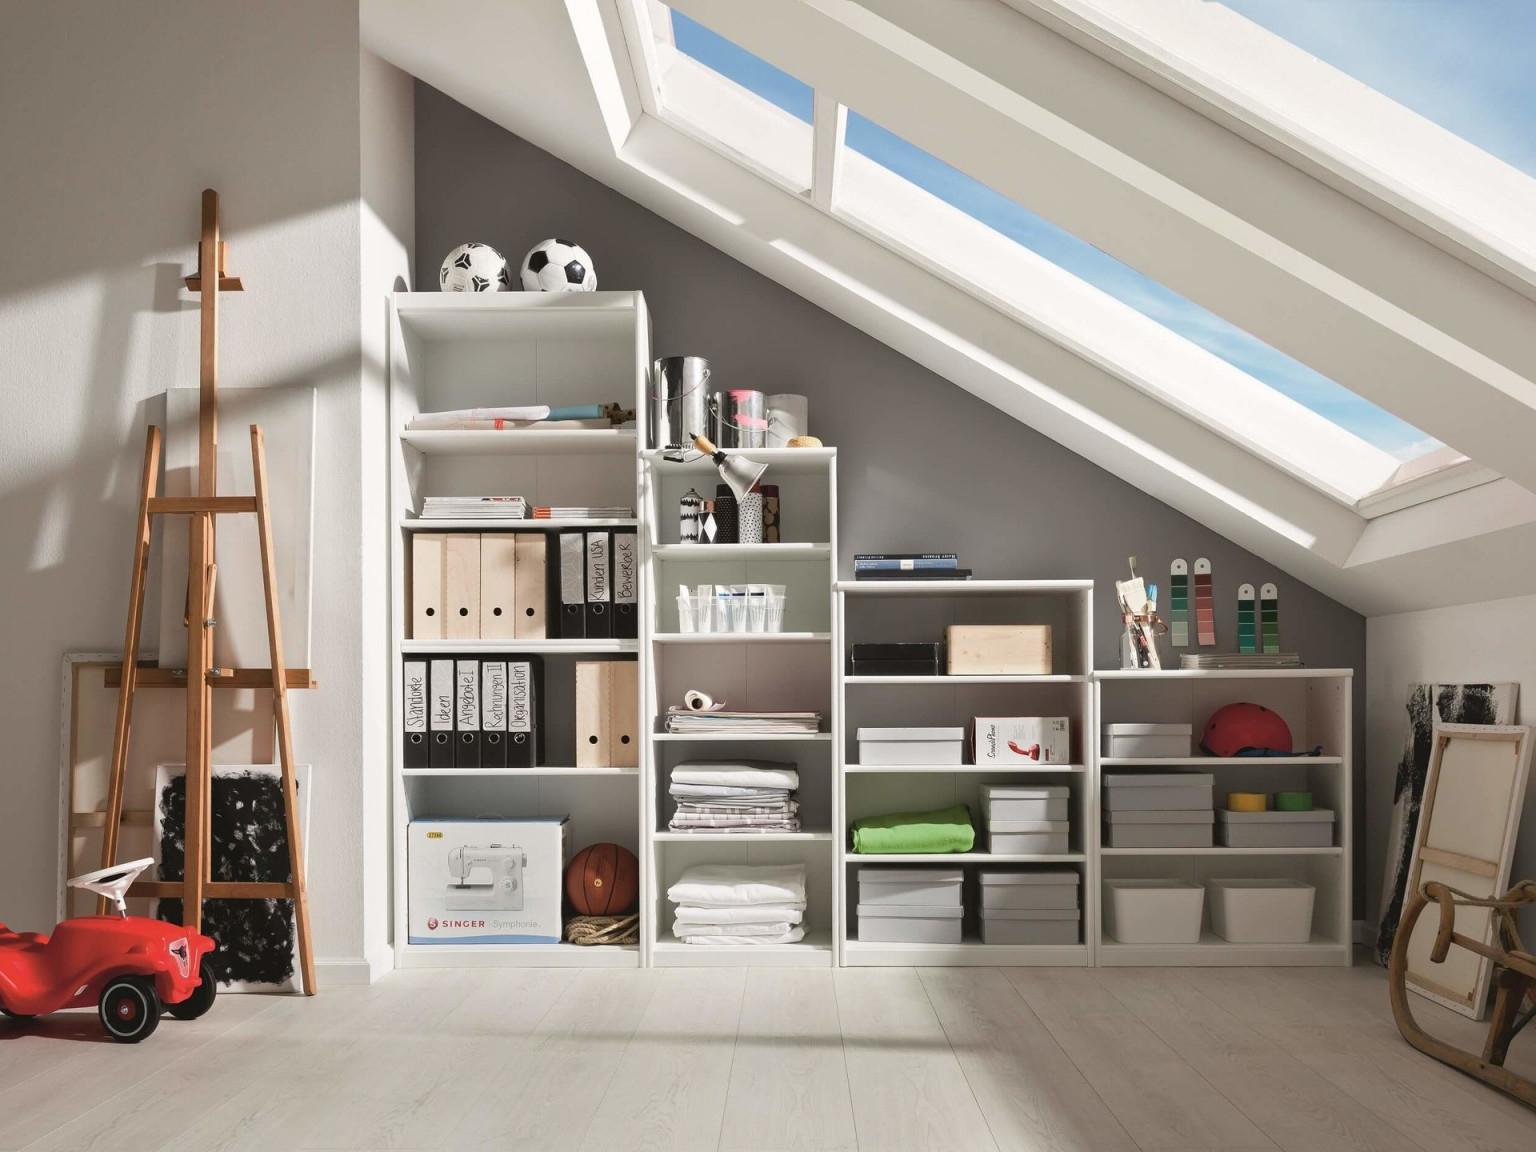 Wohnzimmer Mit Dachschräge So Wird Es Hell Praktisch Und von Wohnzimmer Ideen Dachschräge Photo